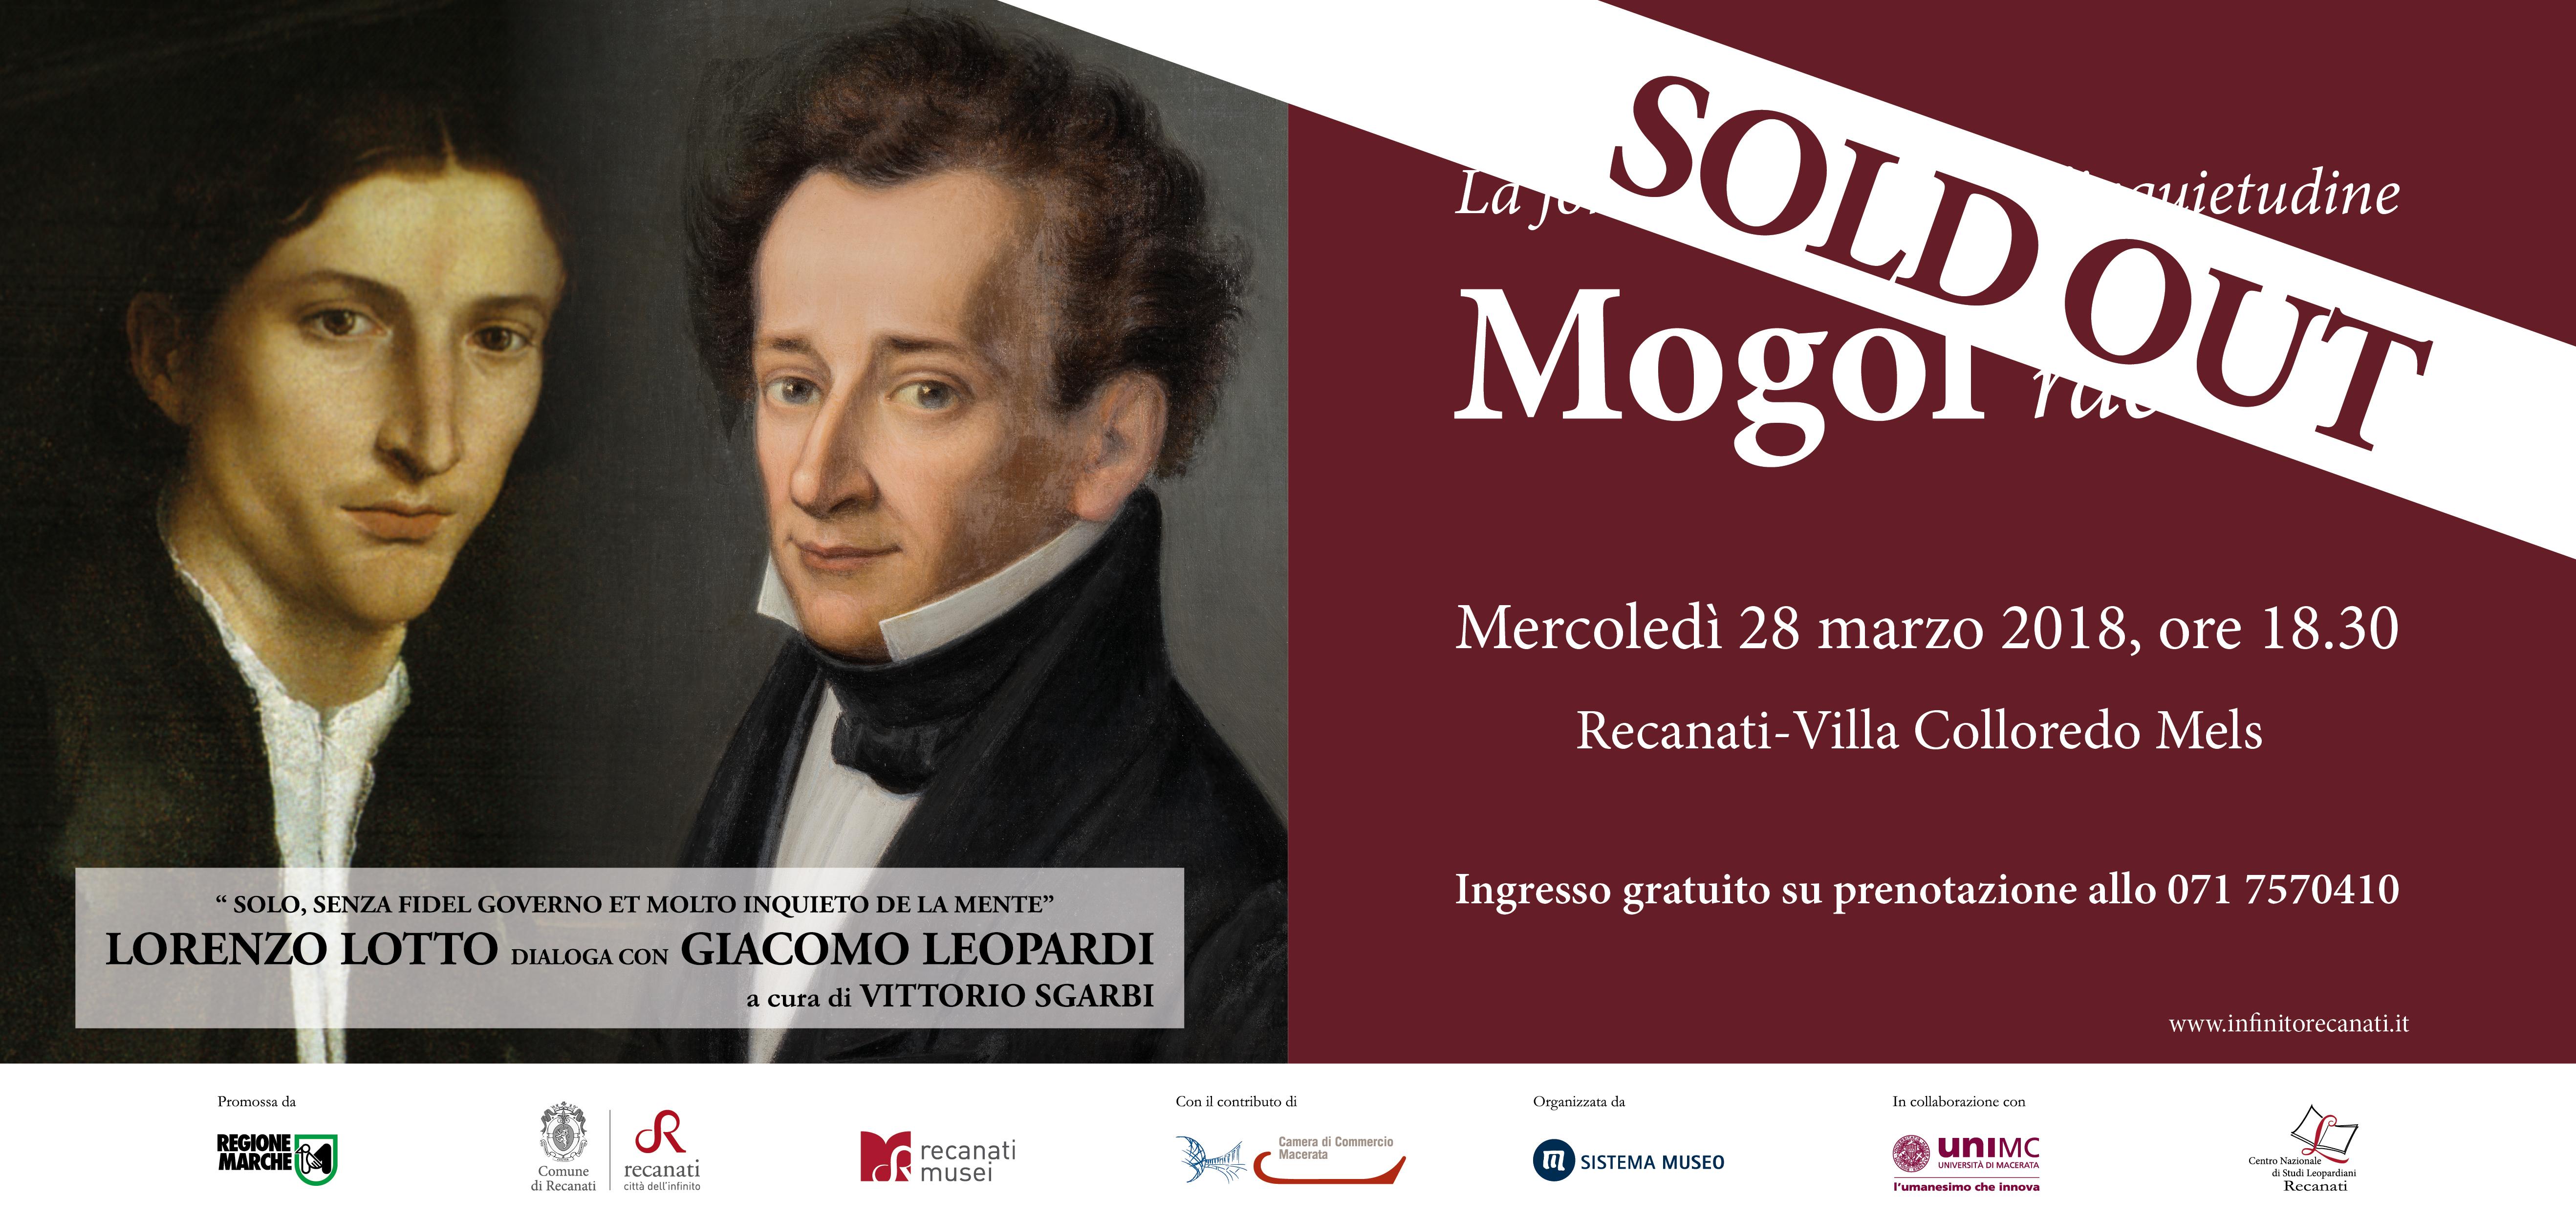 SOLD OUT | Ospite speciale a Recanati: Mogol dialoga tra arte, poesia e musica